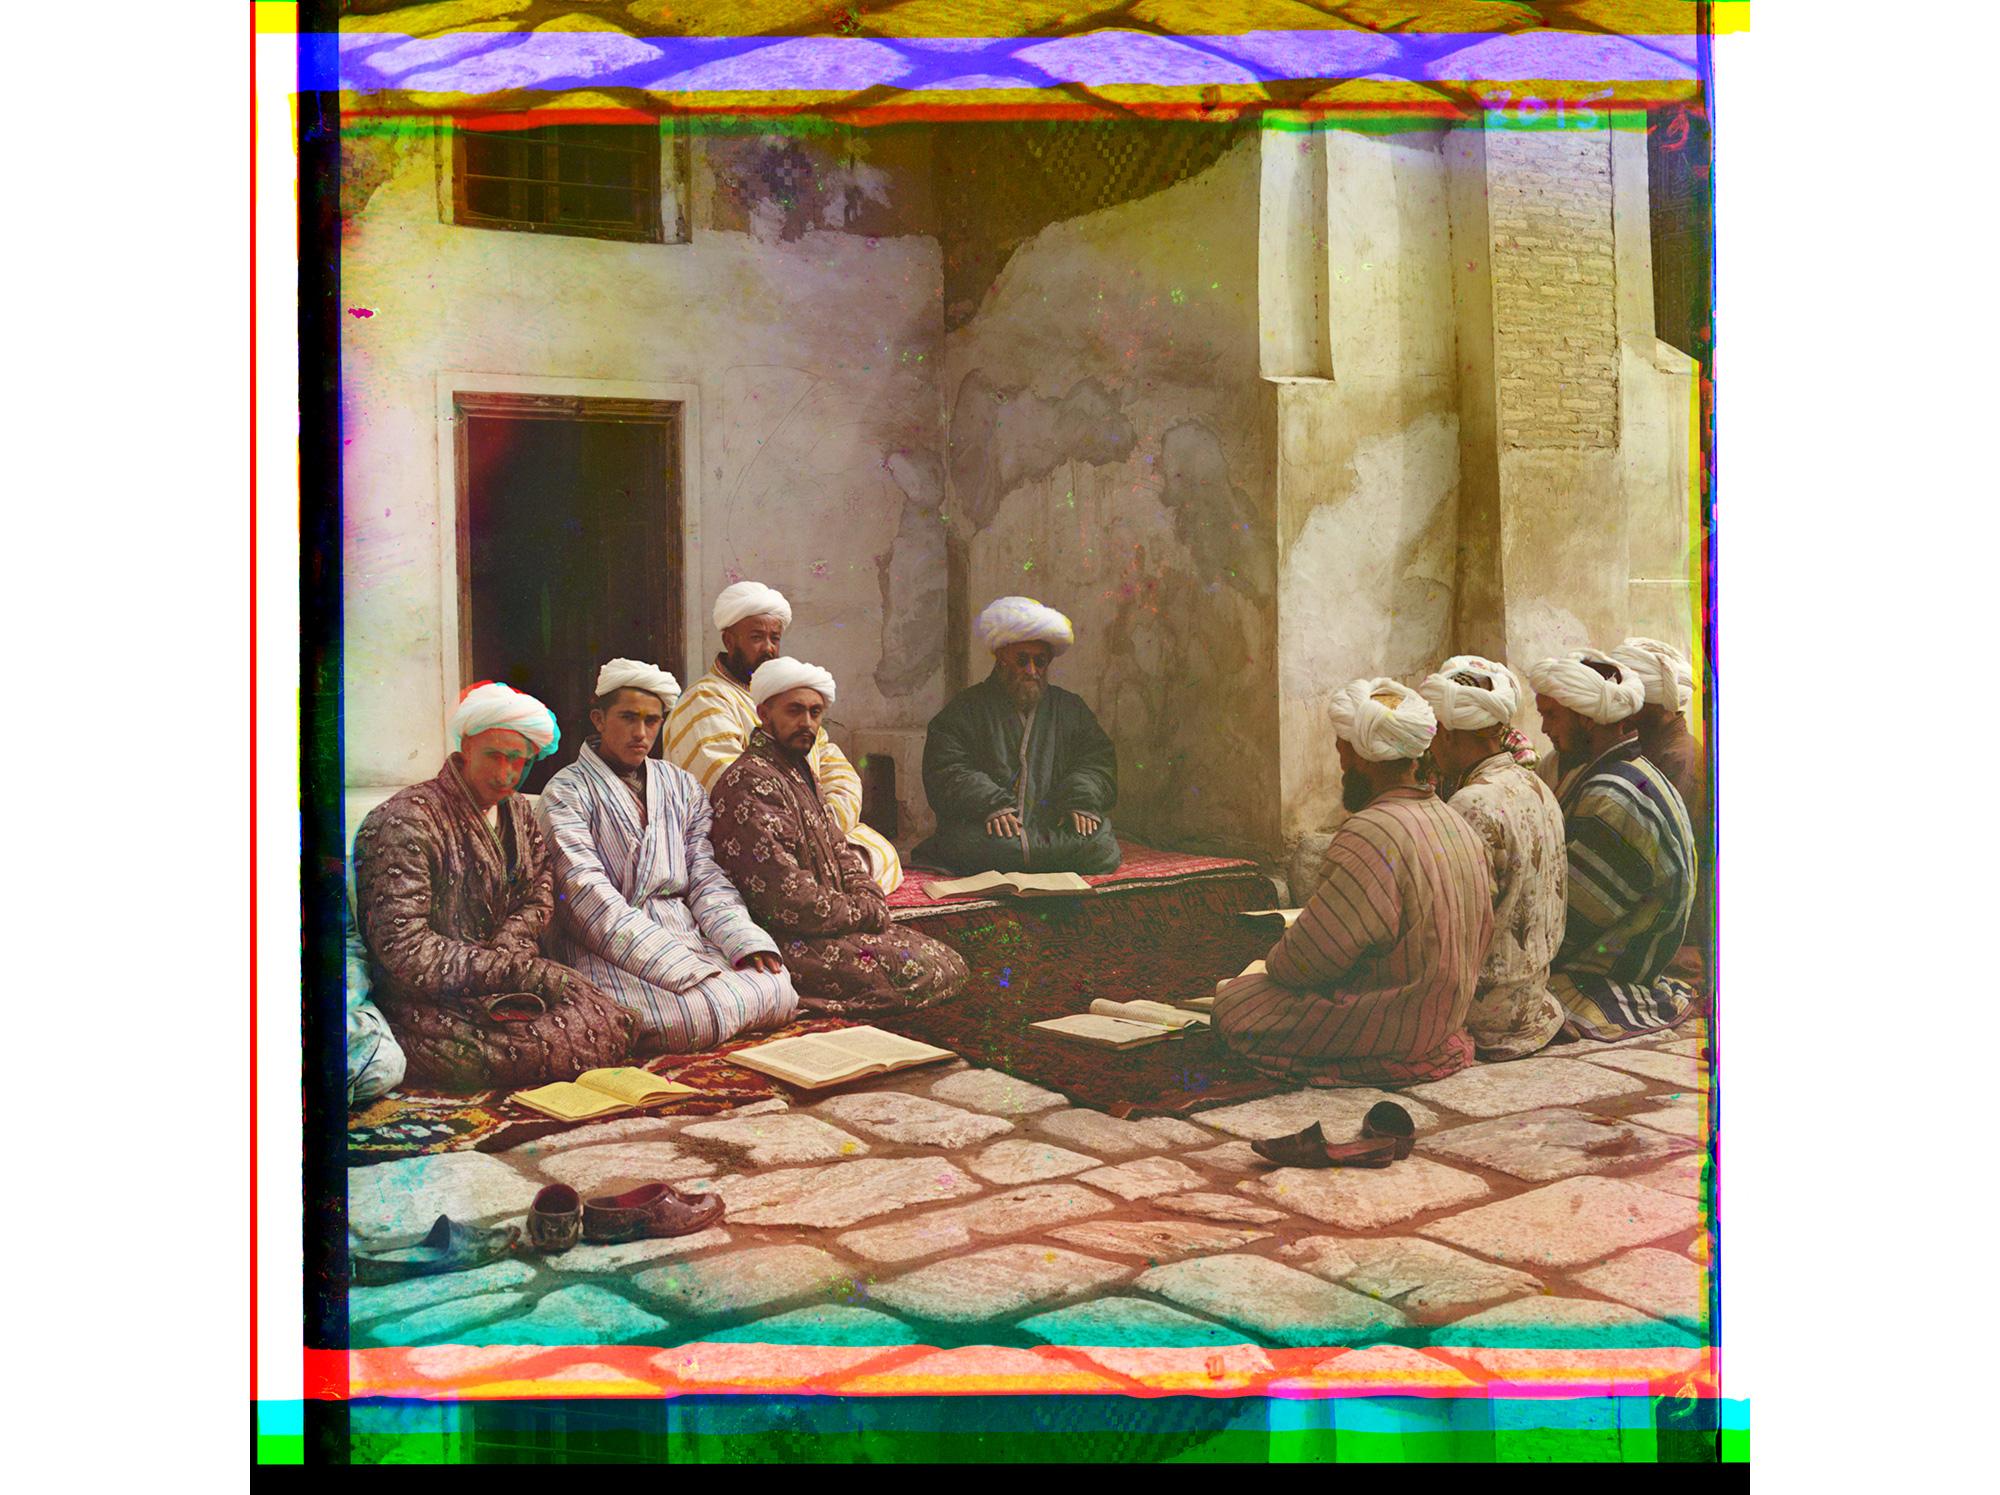 Studenten in einer Medresse (Islamschule), Samarkand, zwischen 1905 und 1915